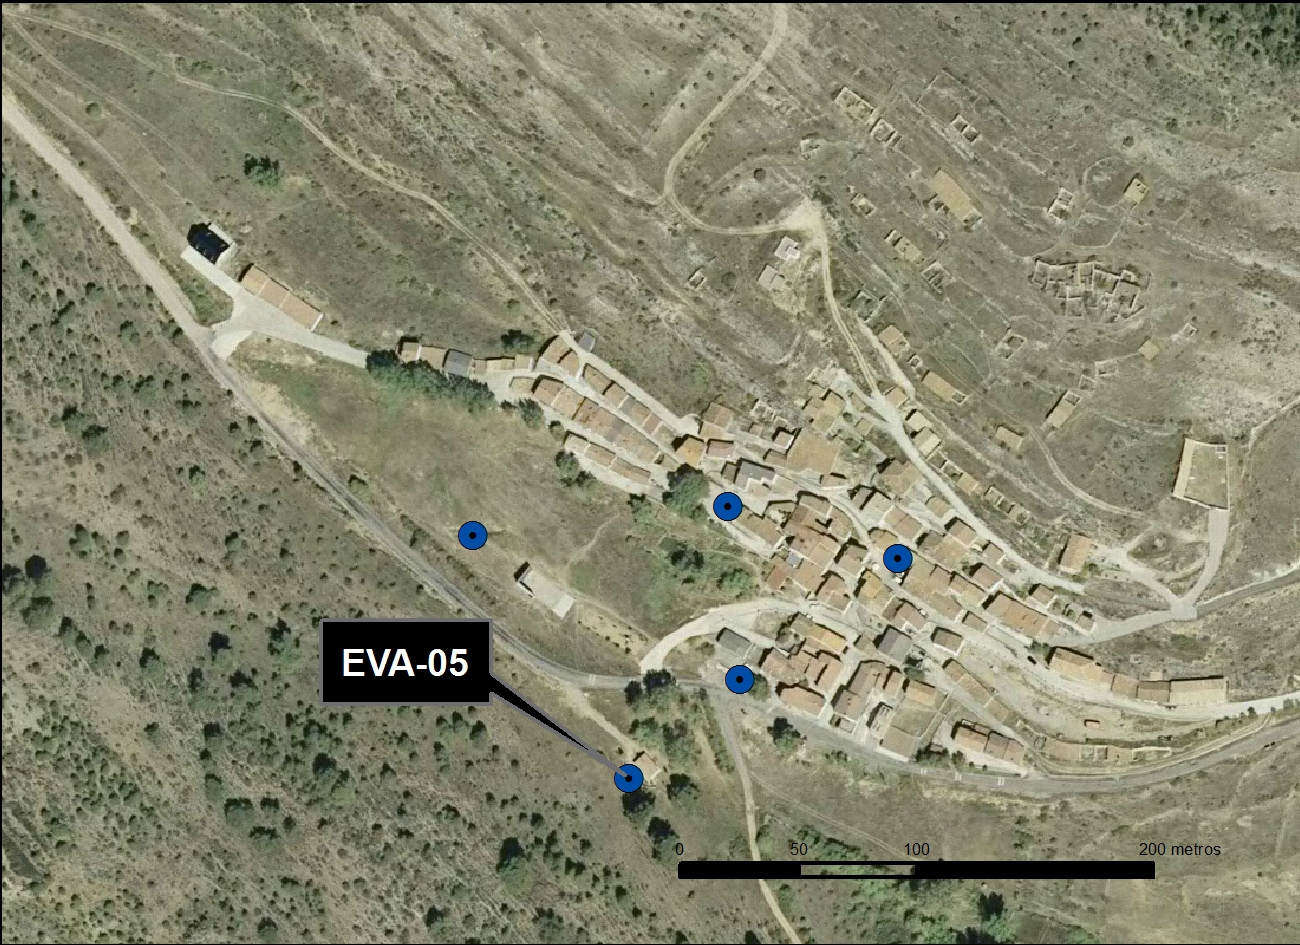 EVA_05_M.V.LOZANO_MERENDERO_ORTO 1